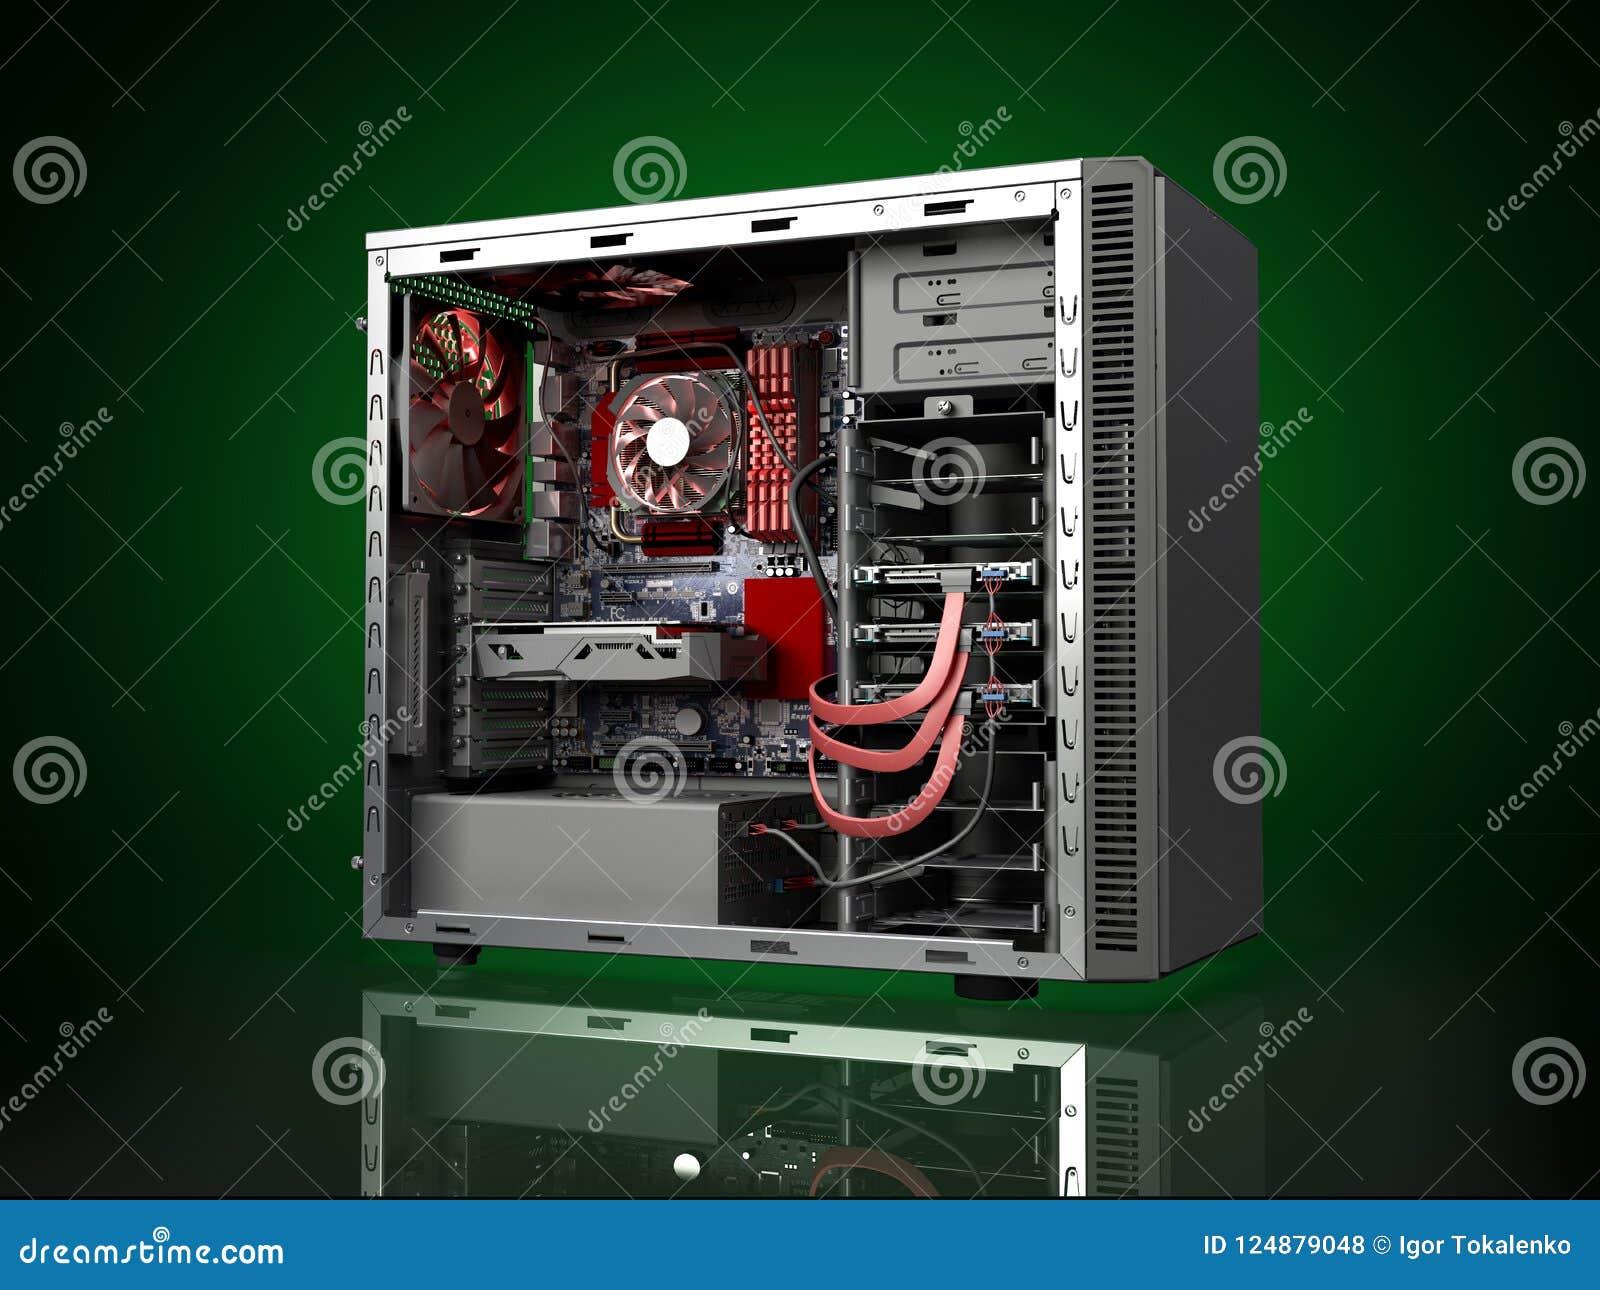 Ноутбук кейс caseman инк персональный компьютер открыть дело.